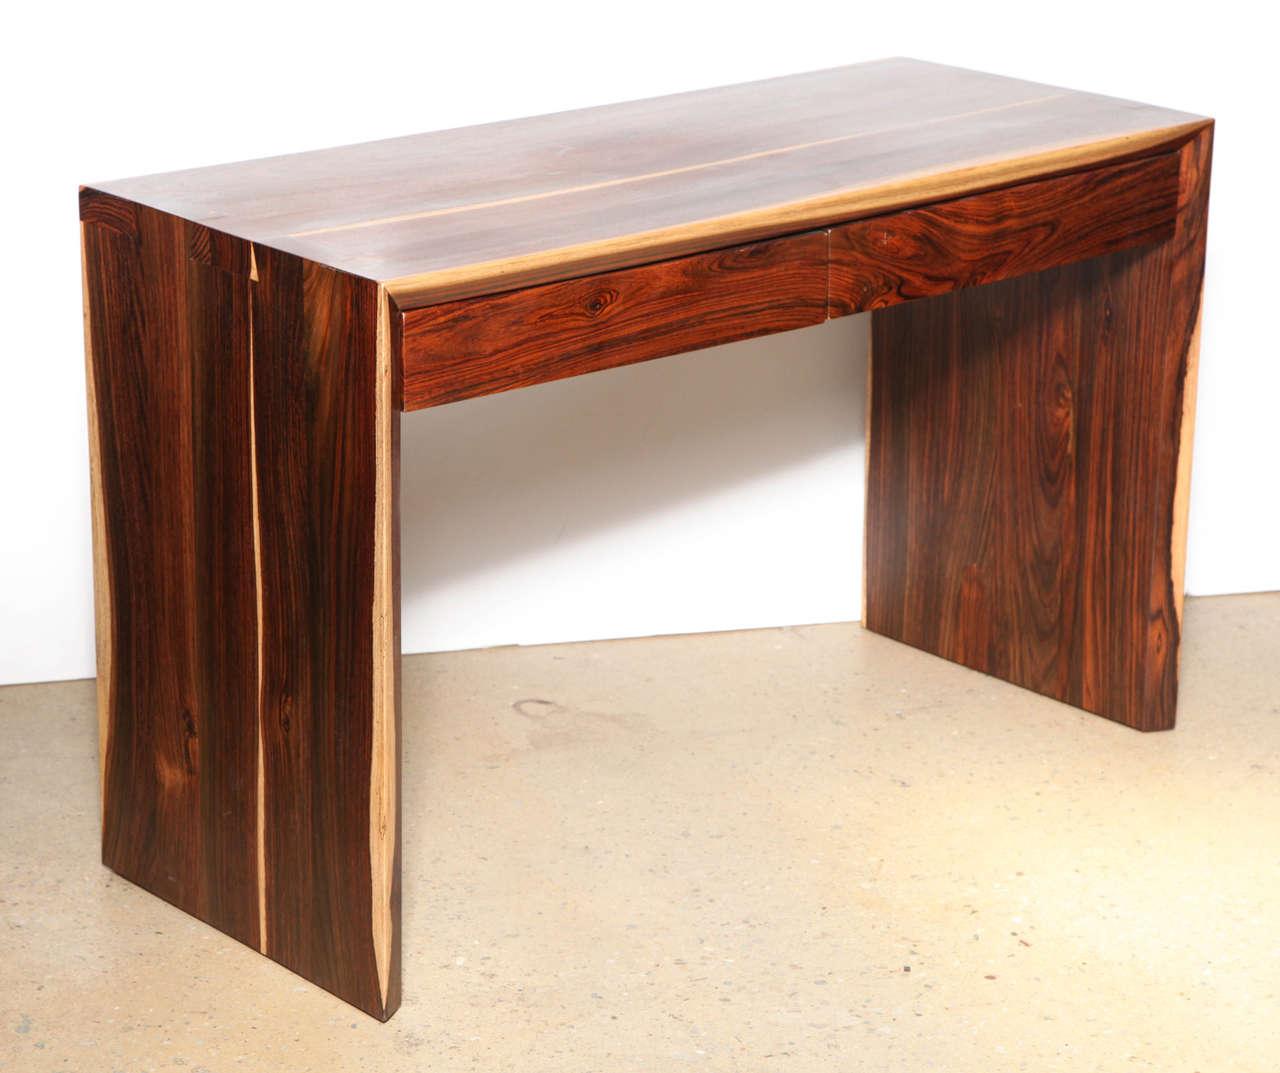 Craft Revival Cocobolo Desk At 1stdibs